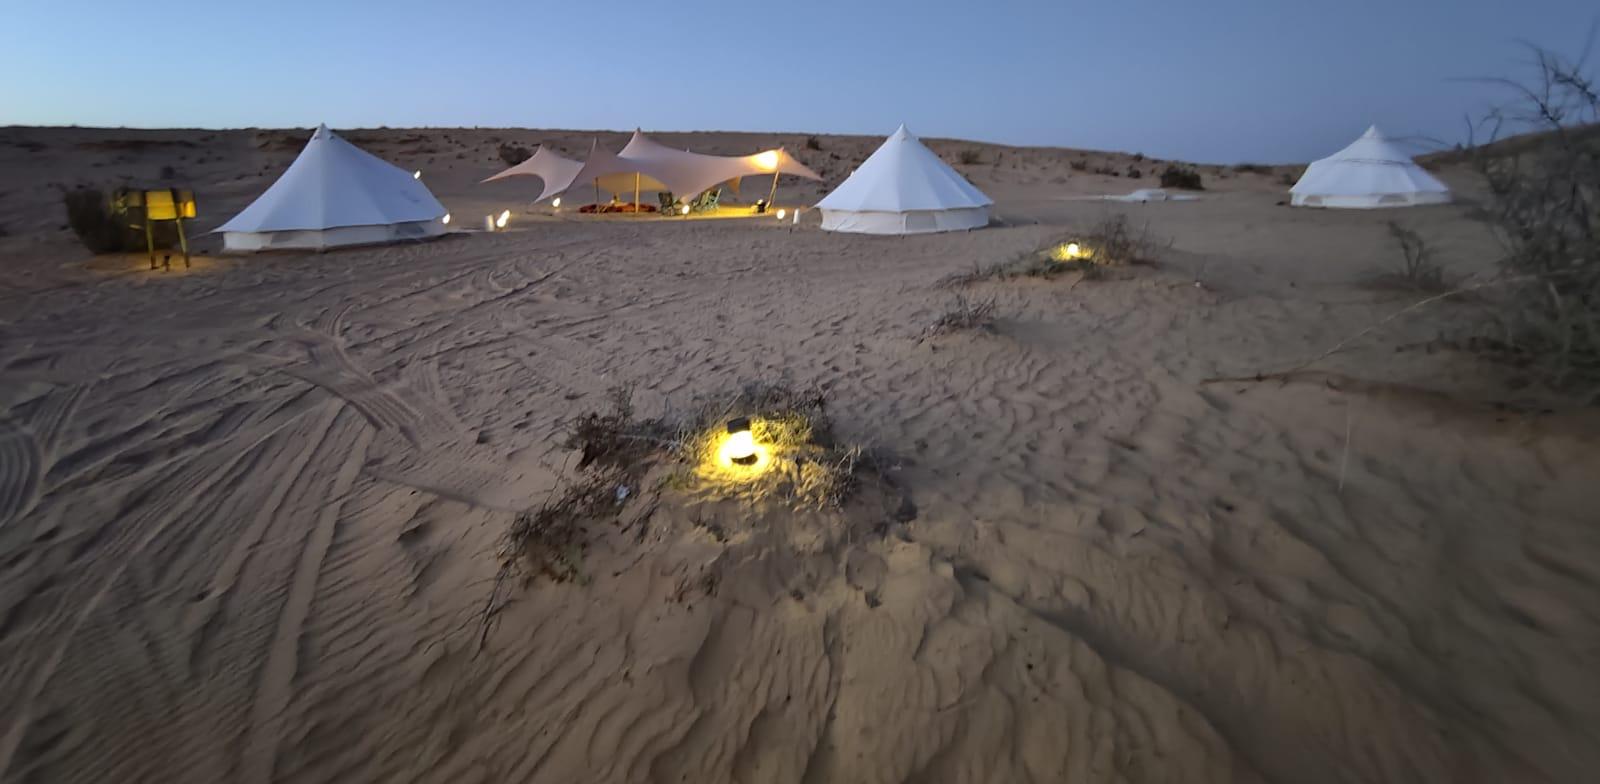 ''הרפתקה במדבר'', מתחם גלאמפינג שמזכיר ספארי באפריקה / צילום: אורלי גנוסר